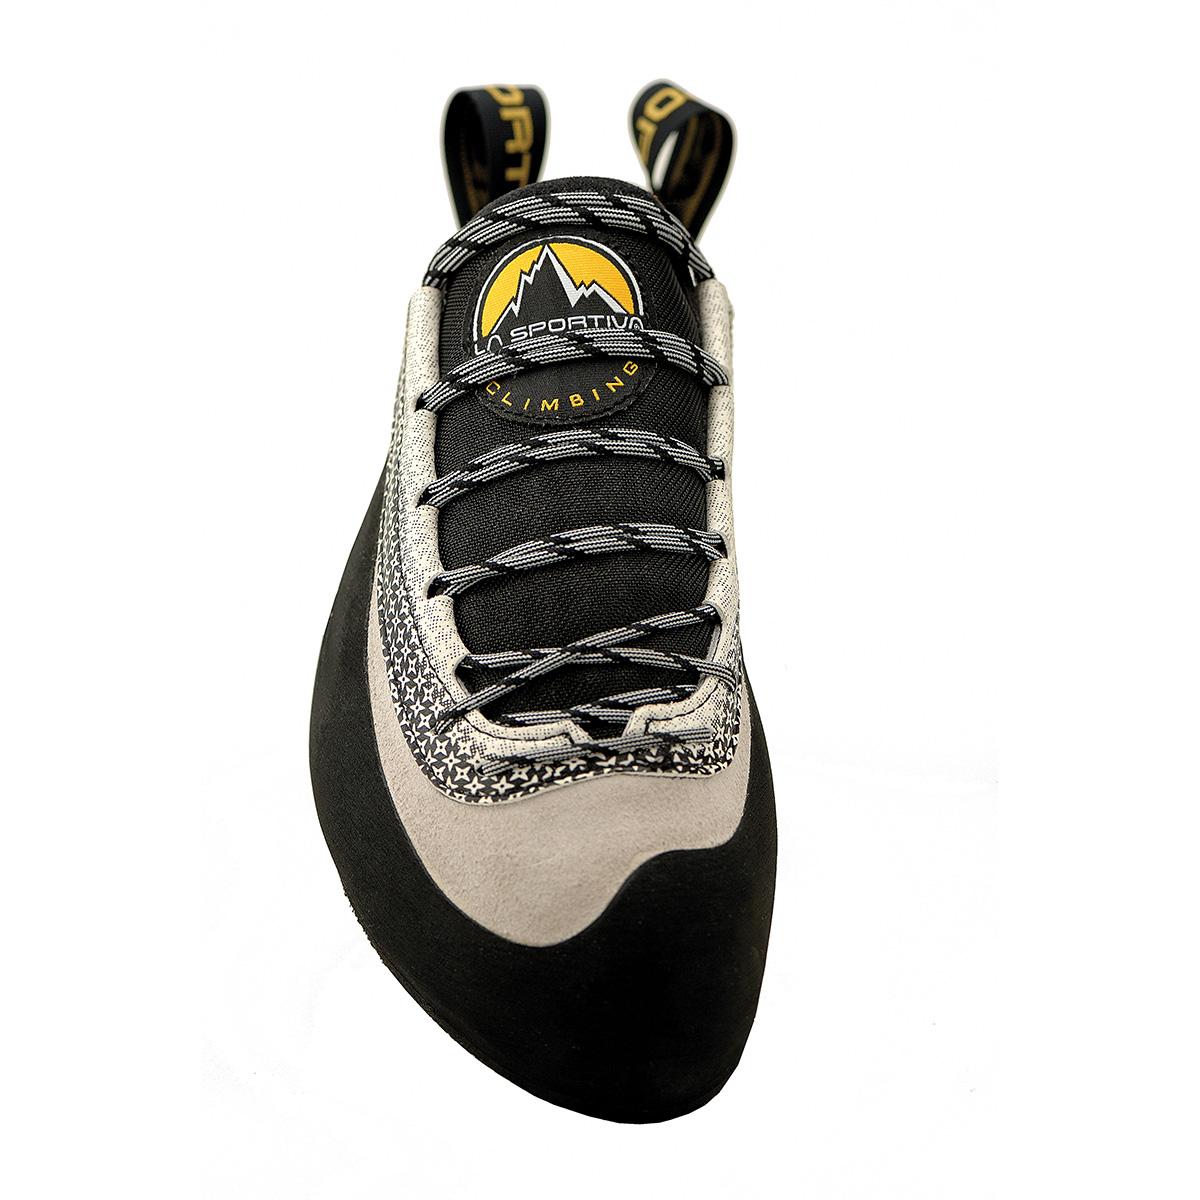 La Sportiva Miura Vs Climbing Shoes Women S